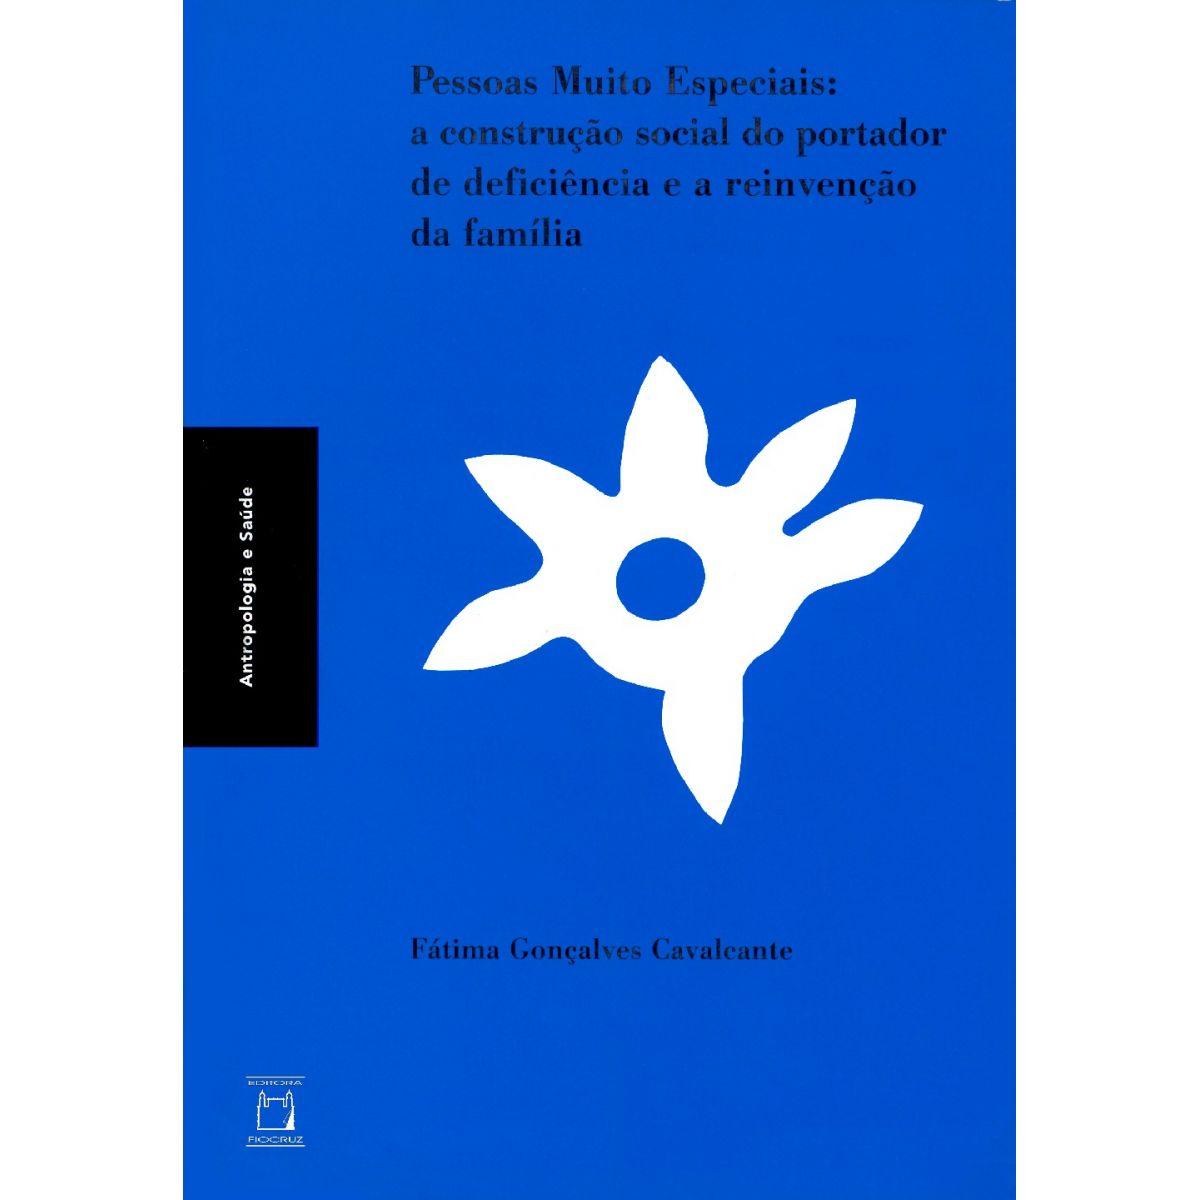 Pessoas Muito Especiais: a construção social do portador de deficiência e a reinvenção da família  - Livraria Virtual da Editora Fiocruz